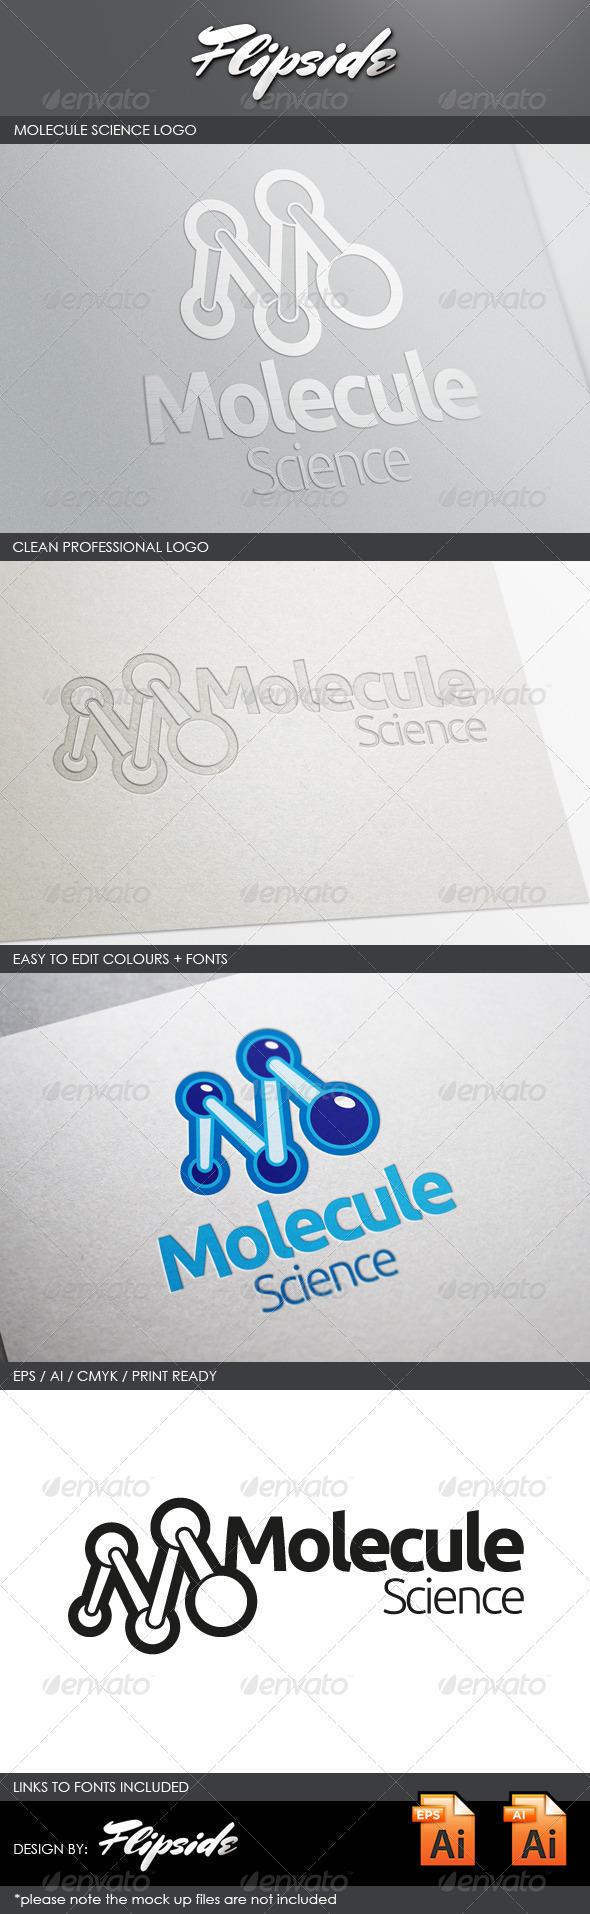 GraphicRiver Molecule Science Lab Logo 4331019